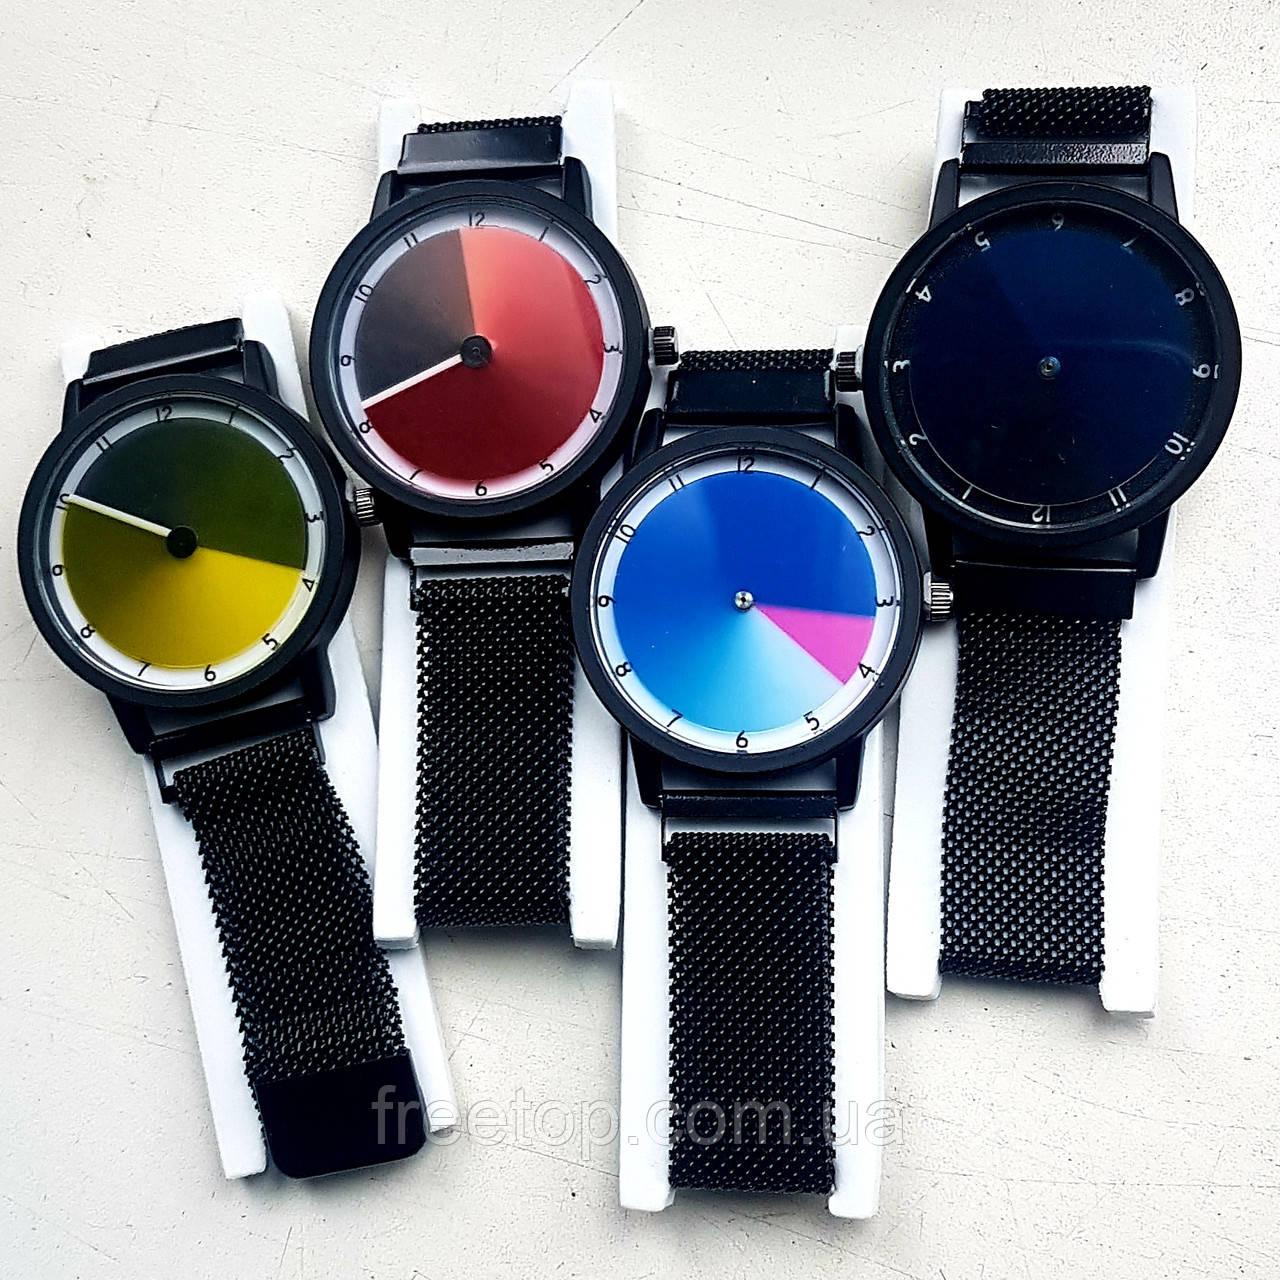 Женские наручные часы в стиле Rainbow Watch — часы меняющие цвет